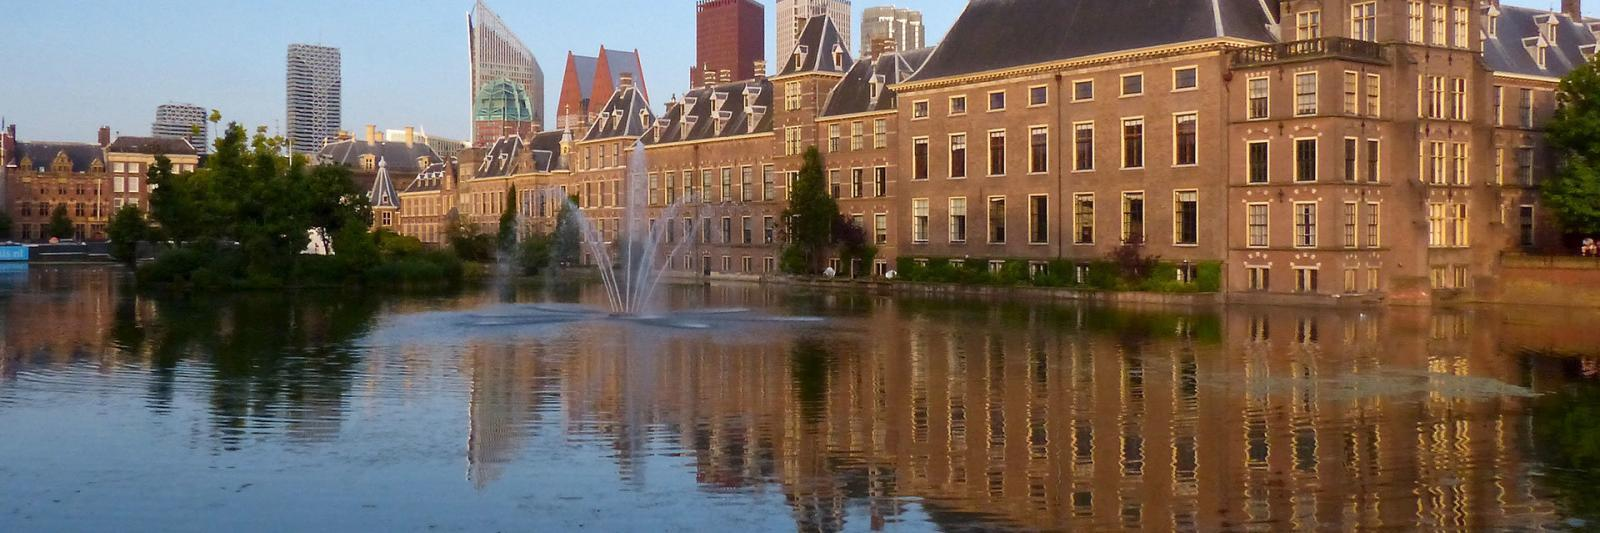 Contact-vestiging-Haaglanden-Mangotree-verzekeringen